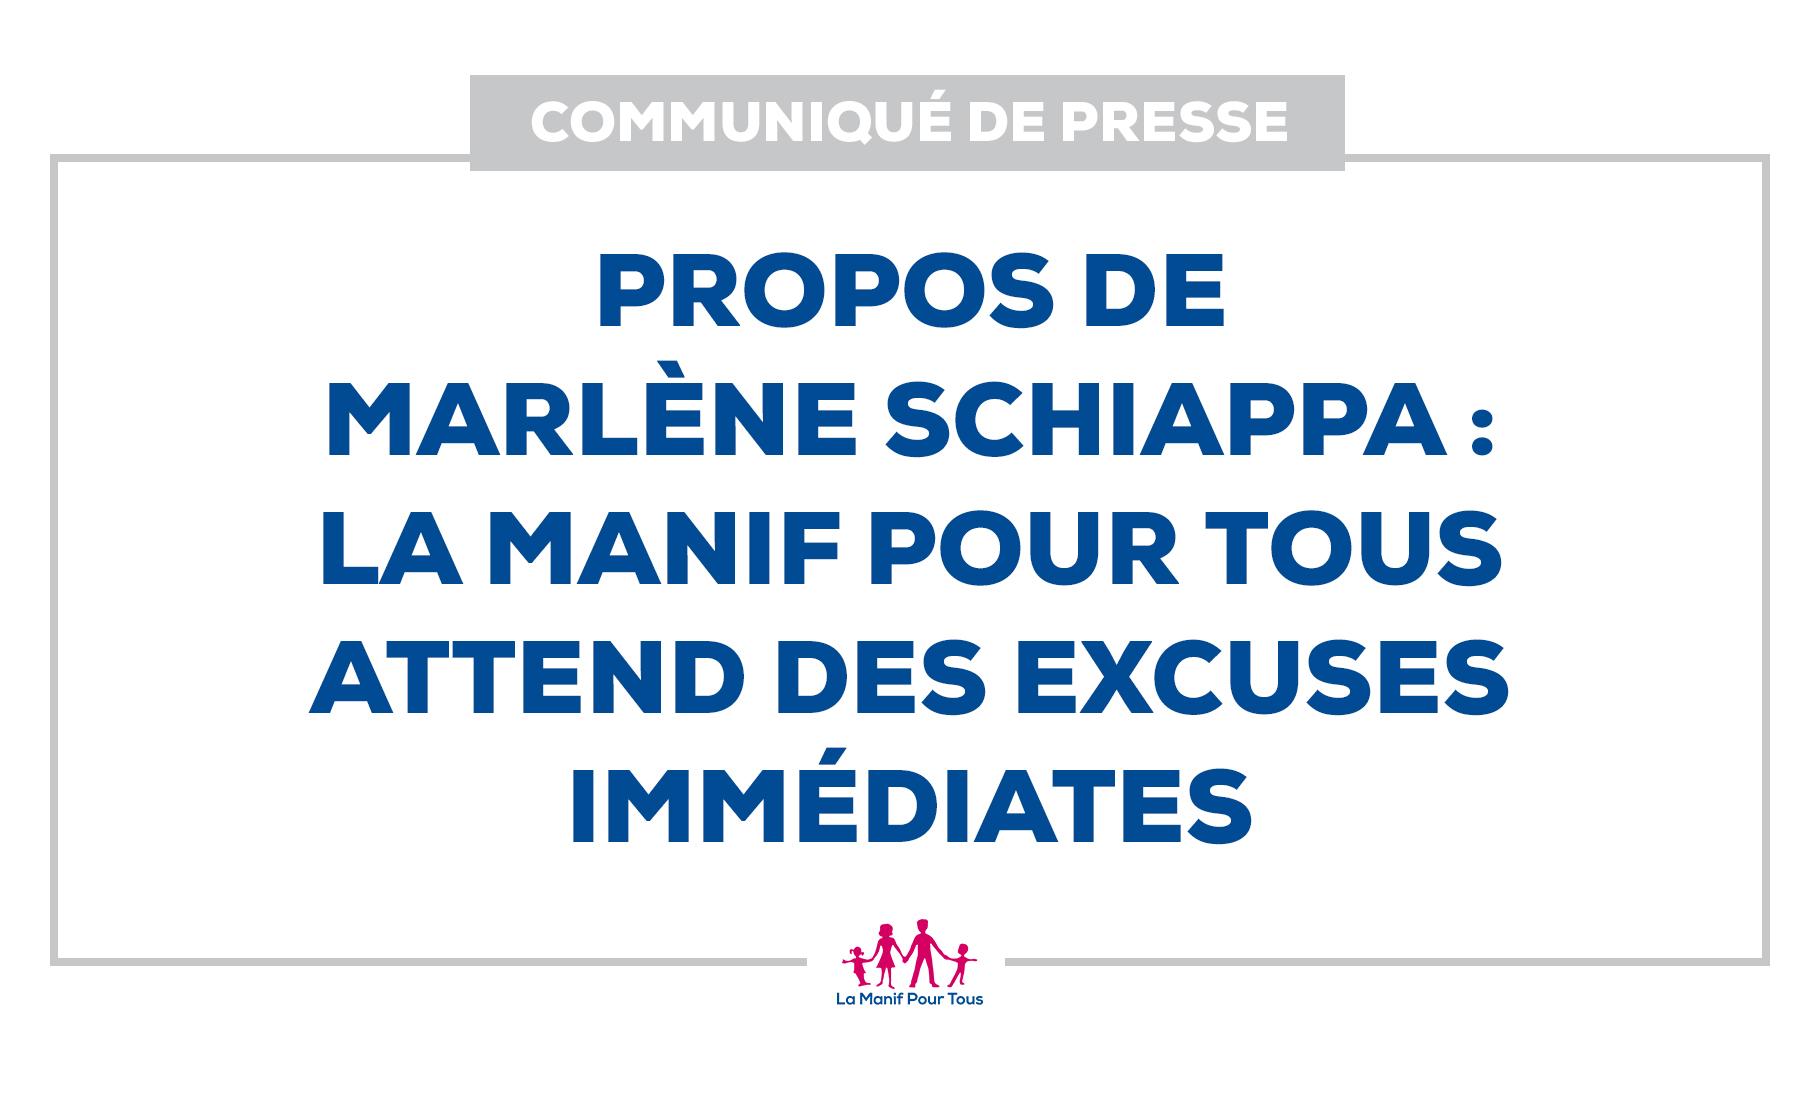 Image - Communiqué – Propos de Marlène Schiappa:  La Manif Pour Tous attend des excuses immédiates